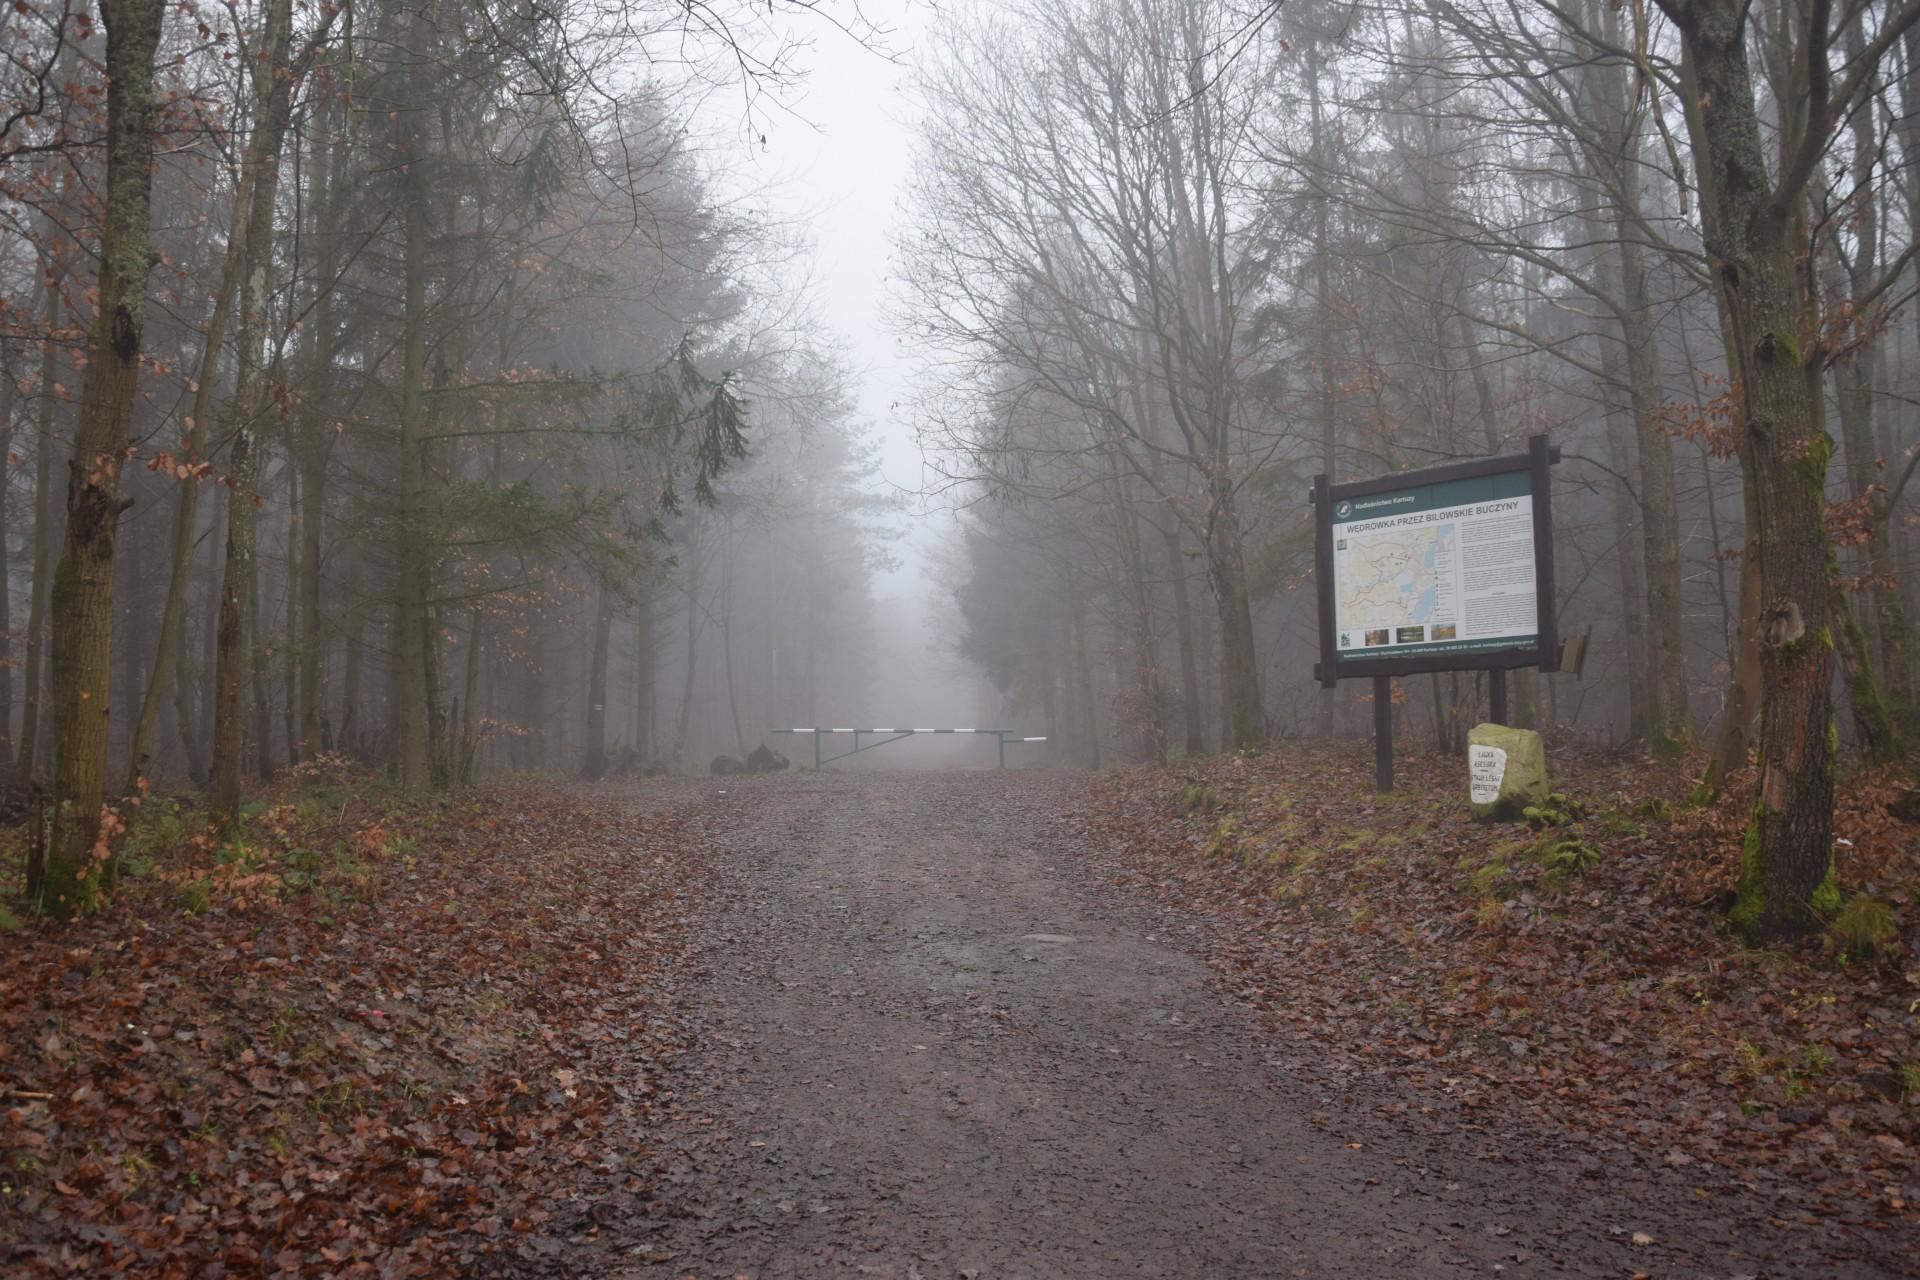 Wejście na czerwony szlak pieszy przy Ławce Asesora. Fot. Tomasz Słomczyński/Magazyn Kaszuby